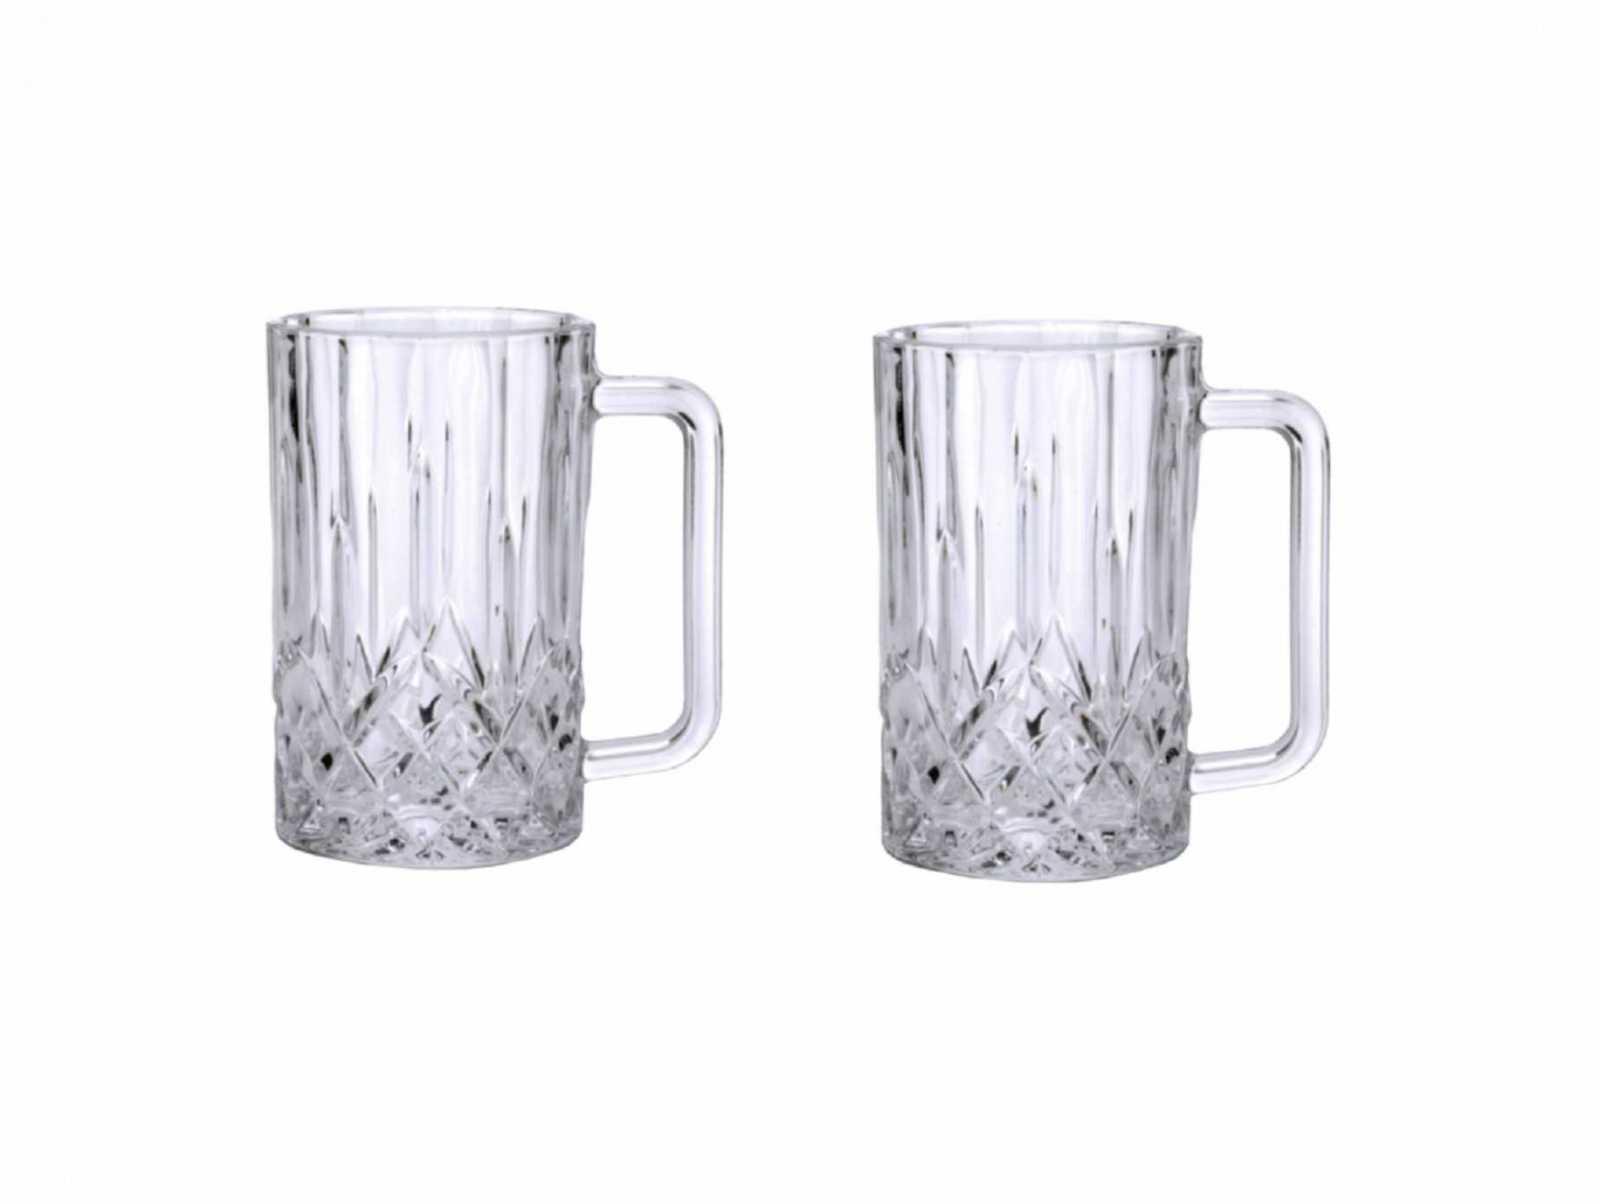 Онлайн каталог PROMENU: Набор бокалов для пива с ручкой Aida HARVEY, объем 0,5 л, 14х19,5 см, прозрачный, 2 штуки                               80317